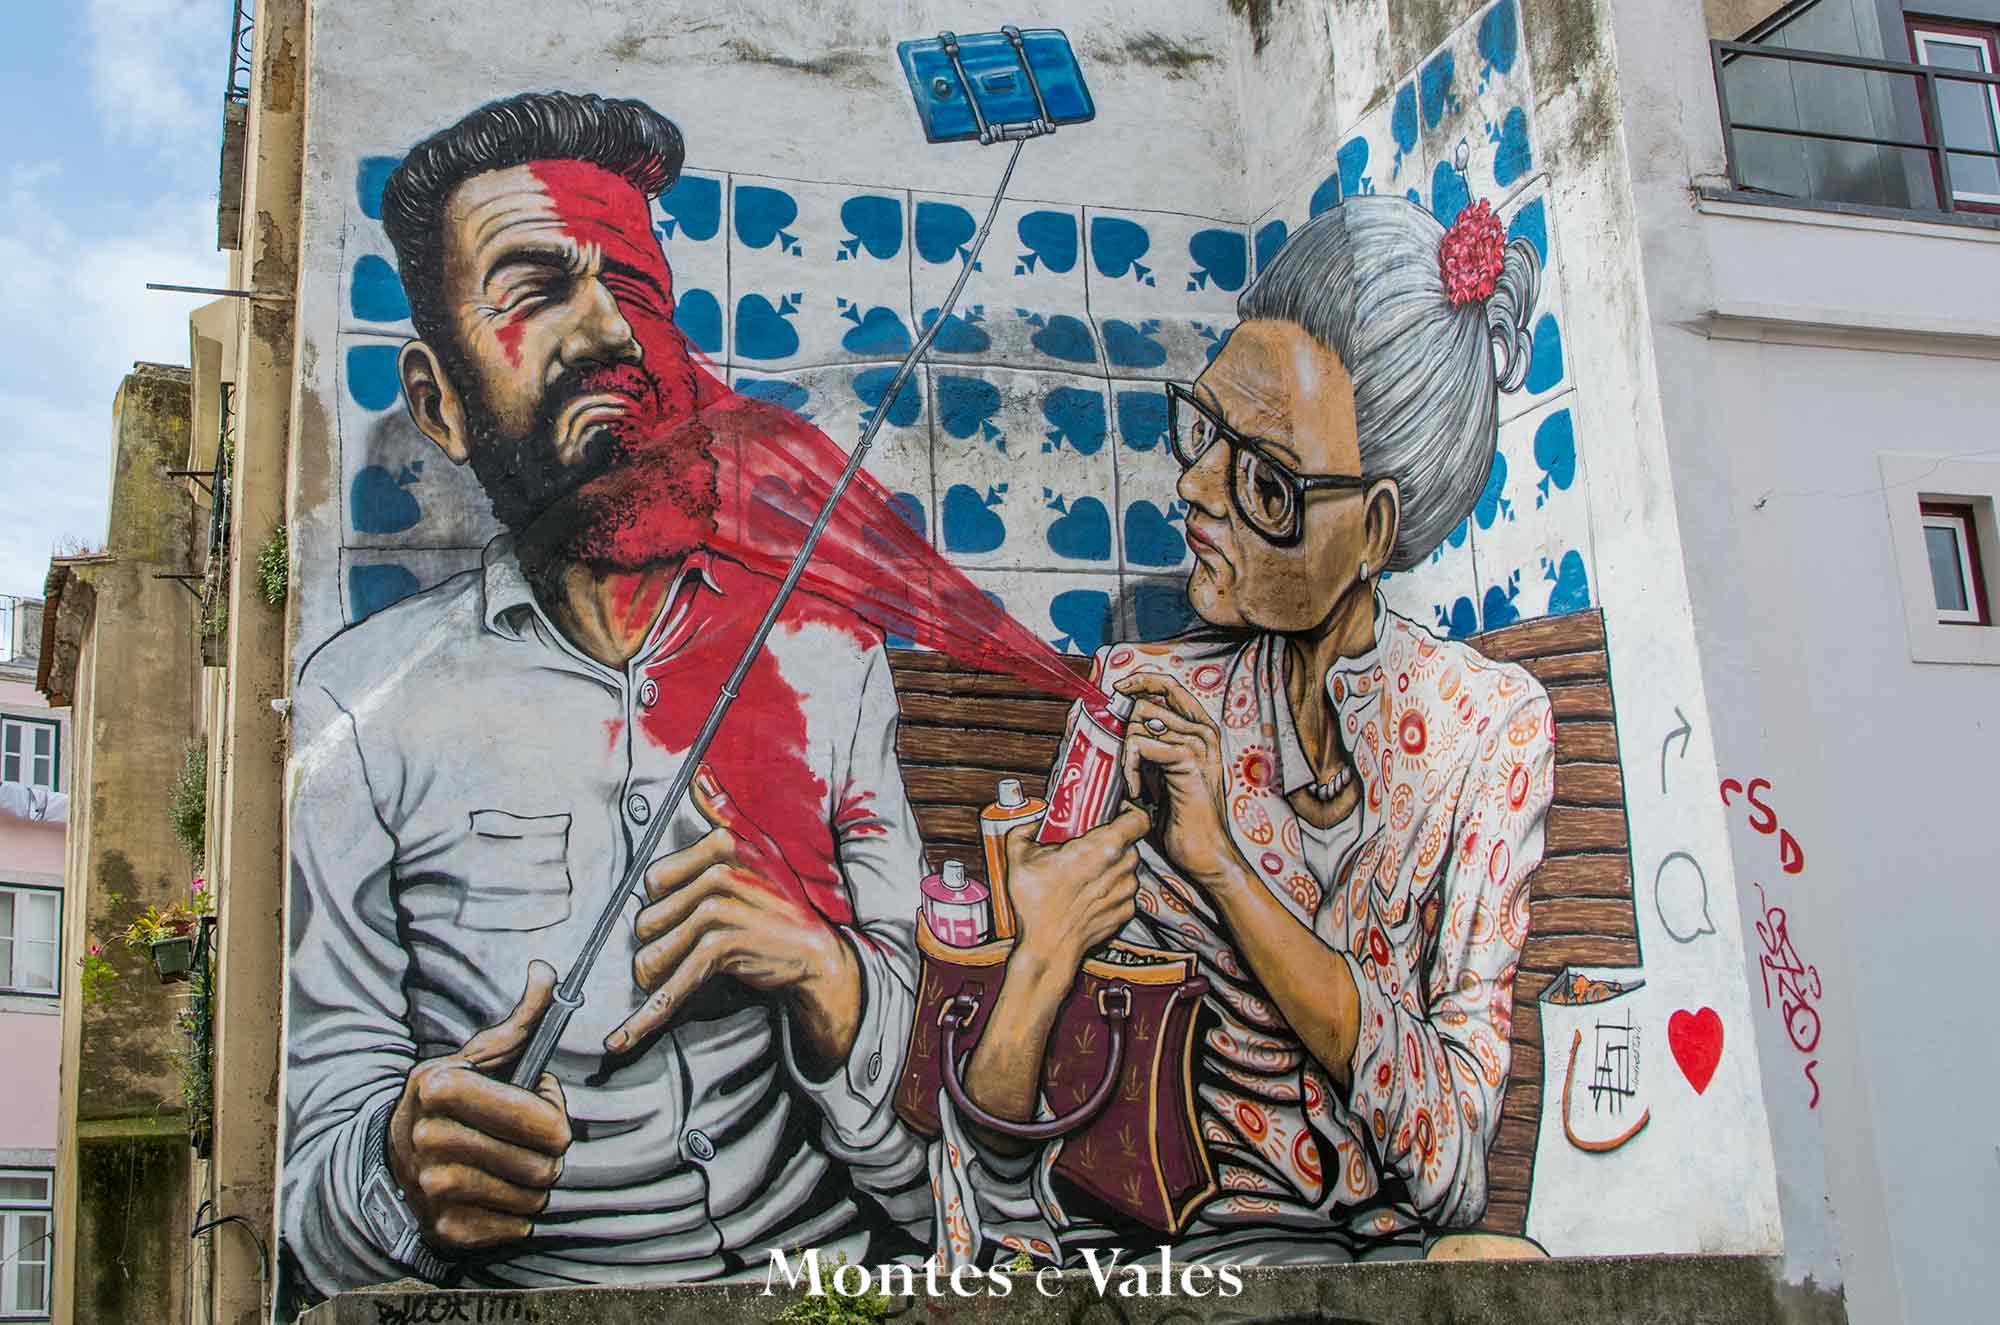 Em que bairro podemos encontrar este mural?